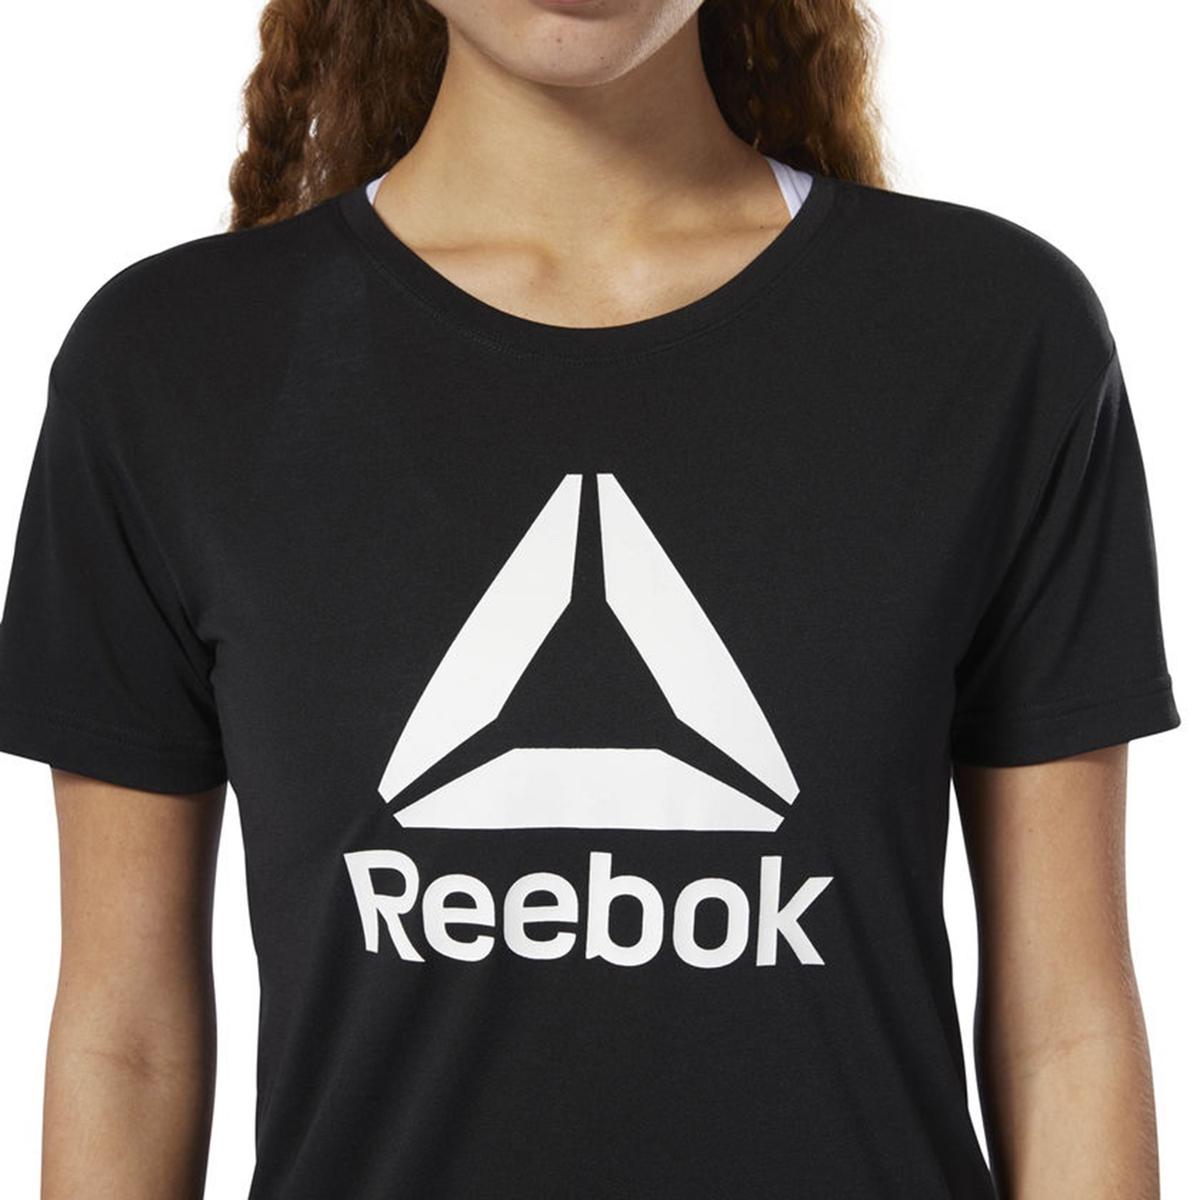 Imagen secundaria de producto de Camiseta estampada delante, Wor Supremium - Reebok